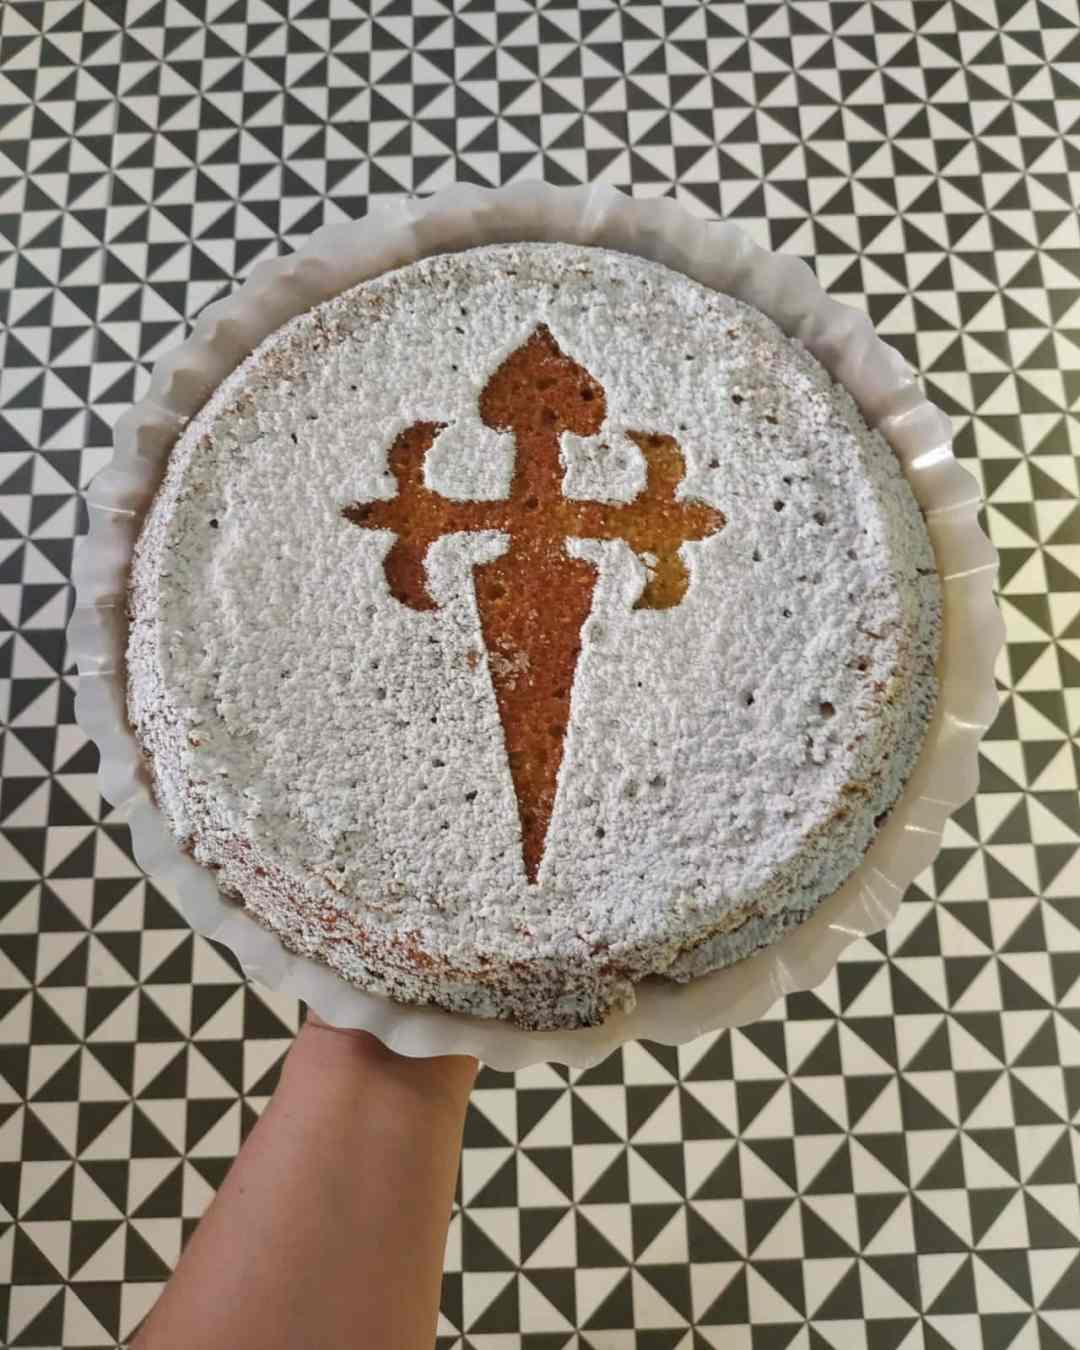 tarta-de-santiago-sin-gluten-sin-lactosa-y-frutos-secos-www.panaderiajmgarcia.com-panaderia-sin-gluten-alicante